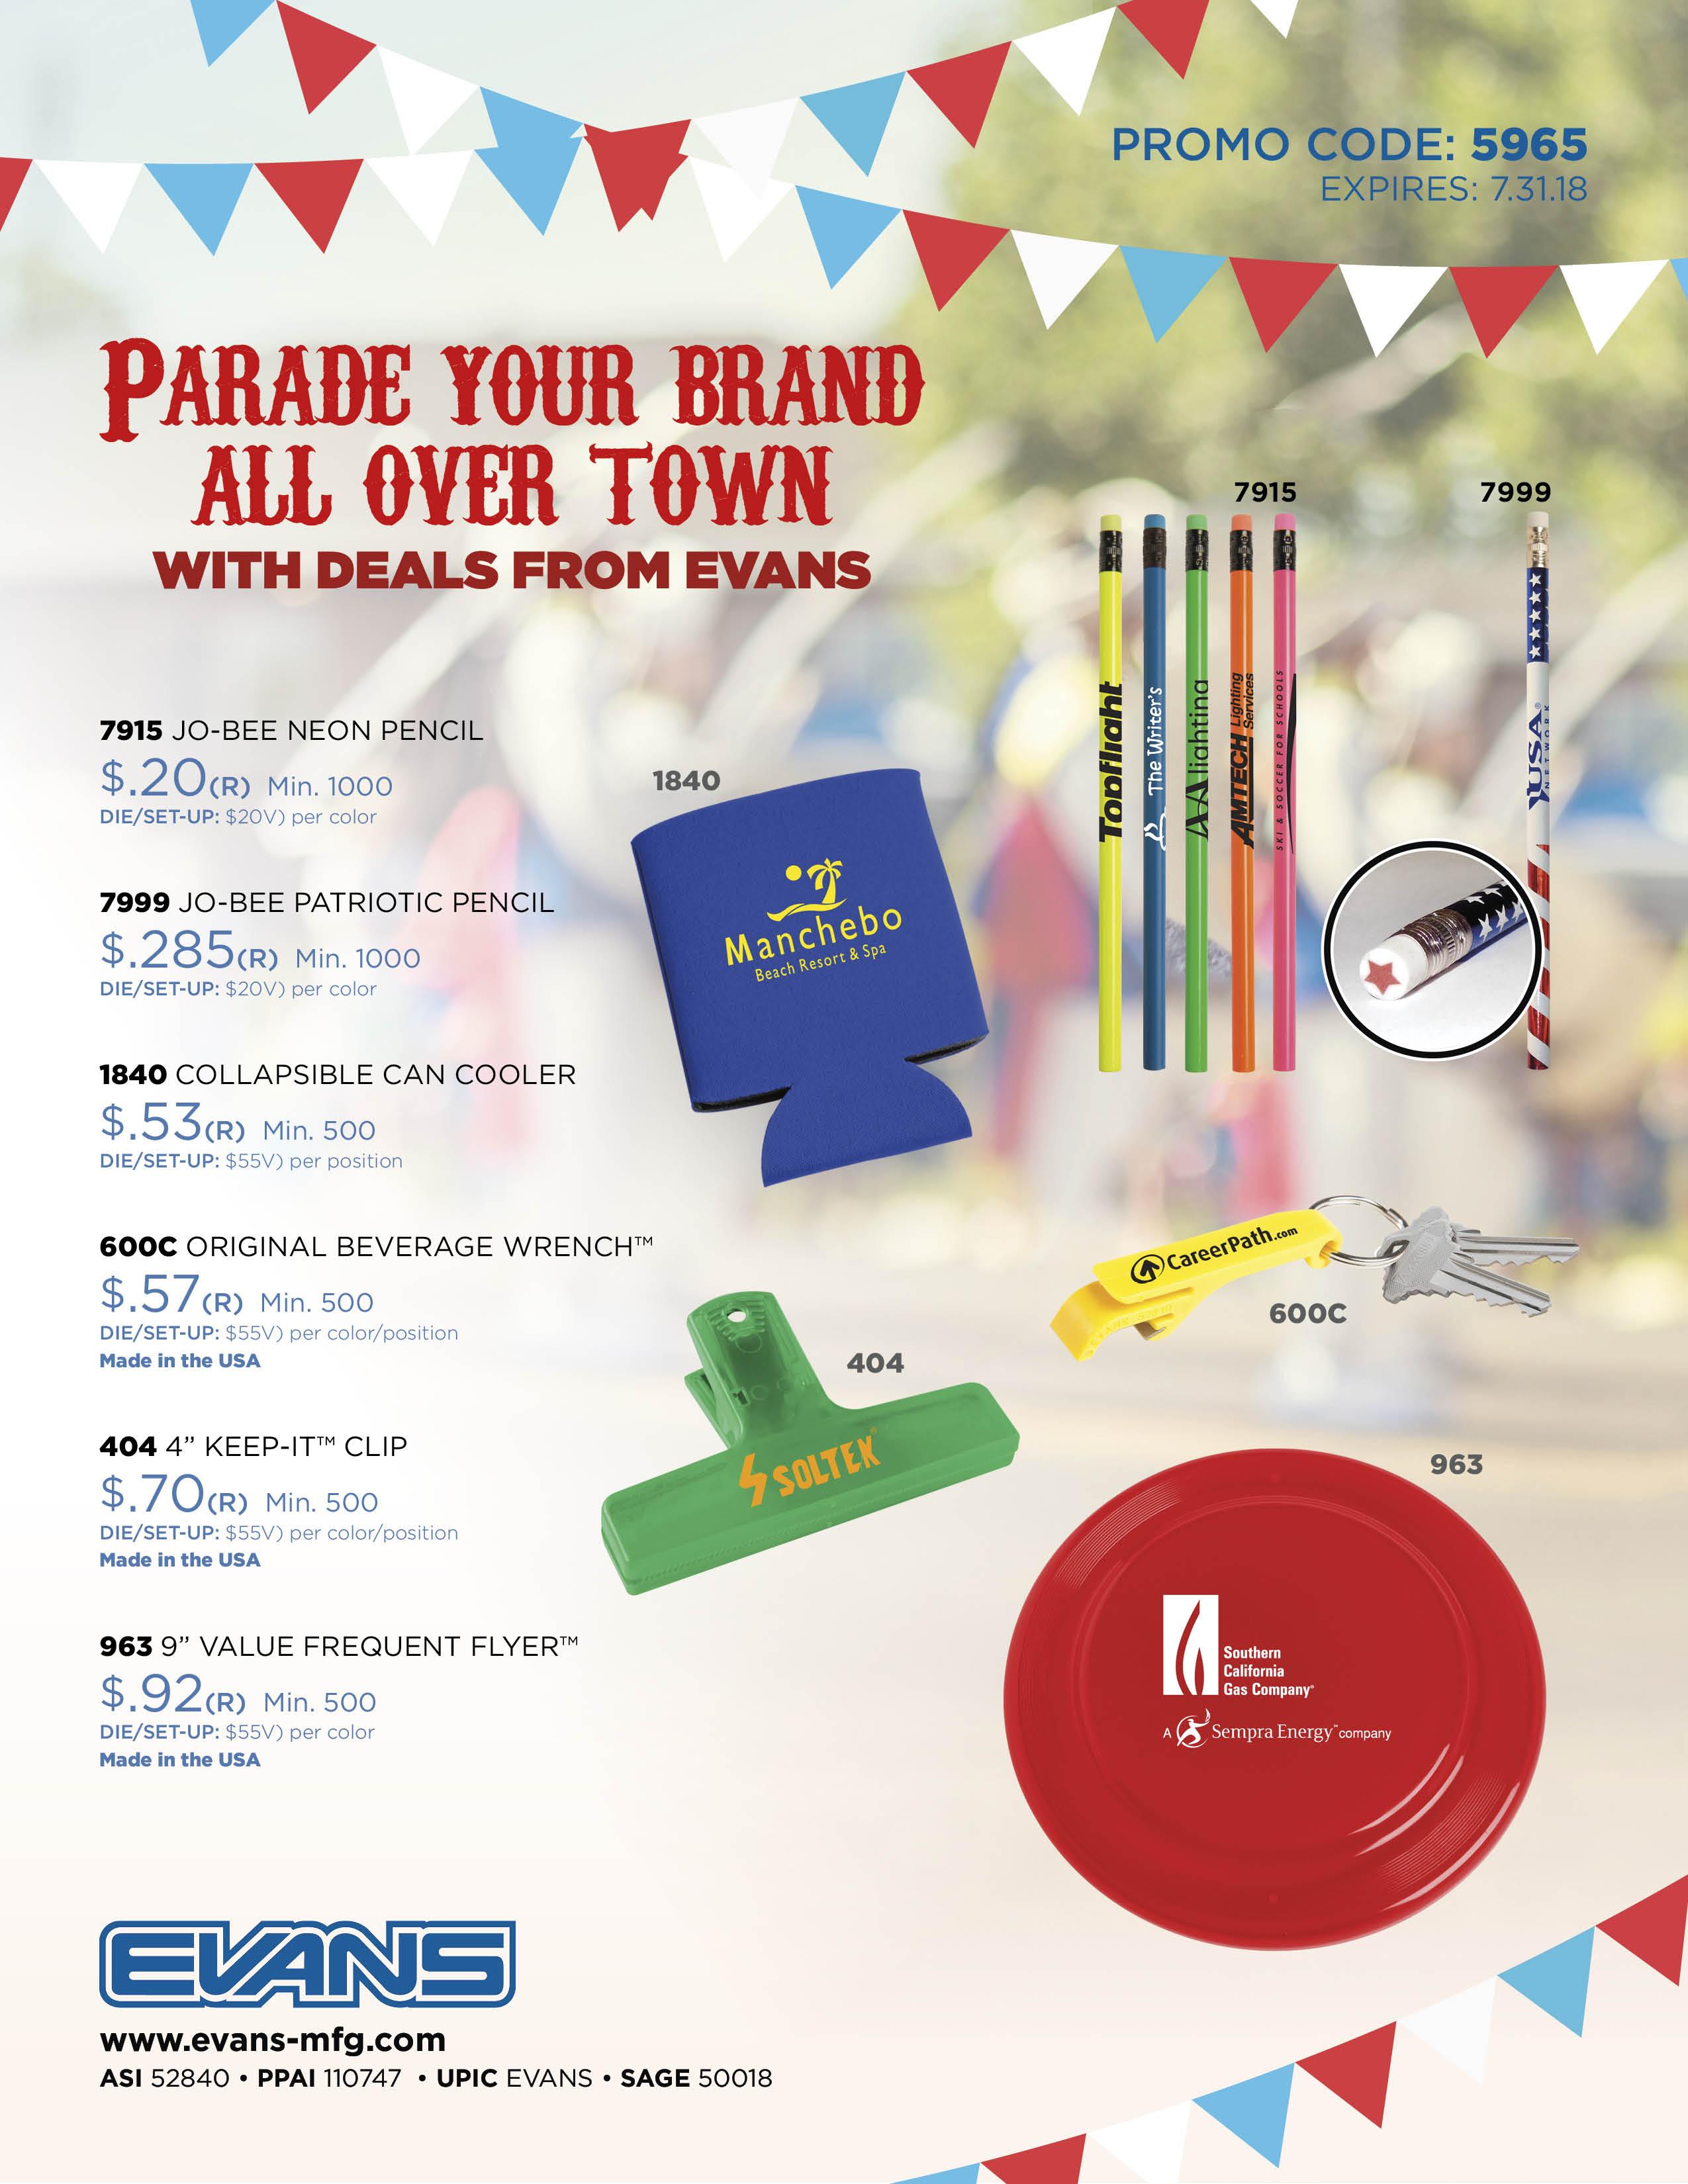 Parade Your Brand